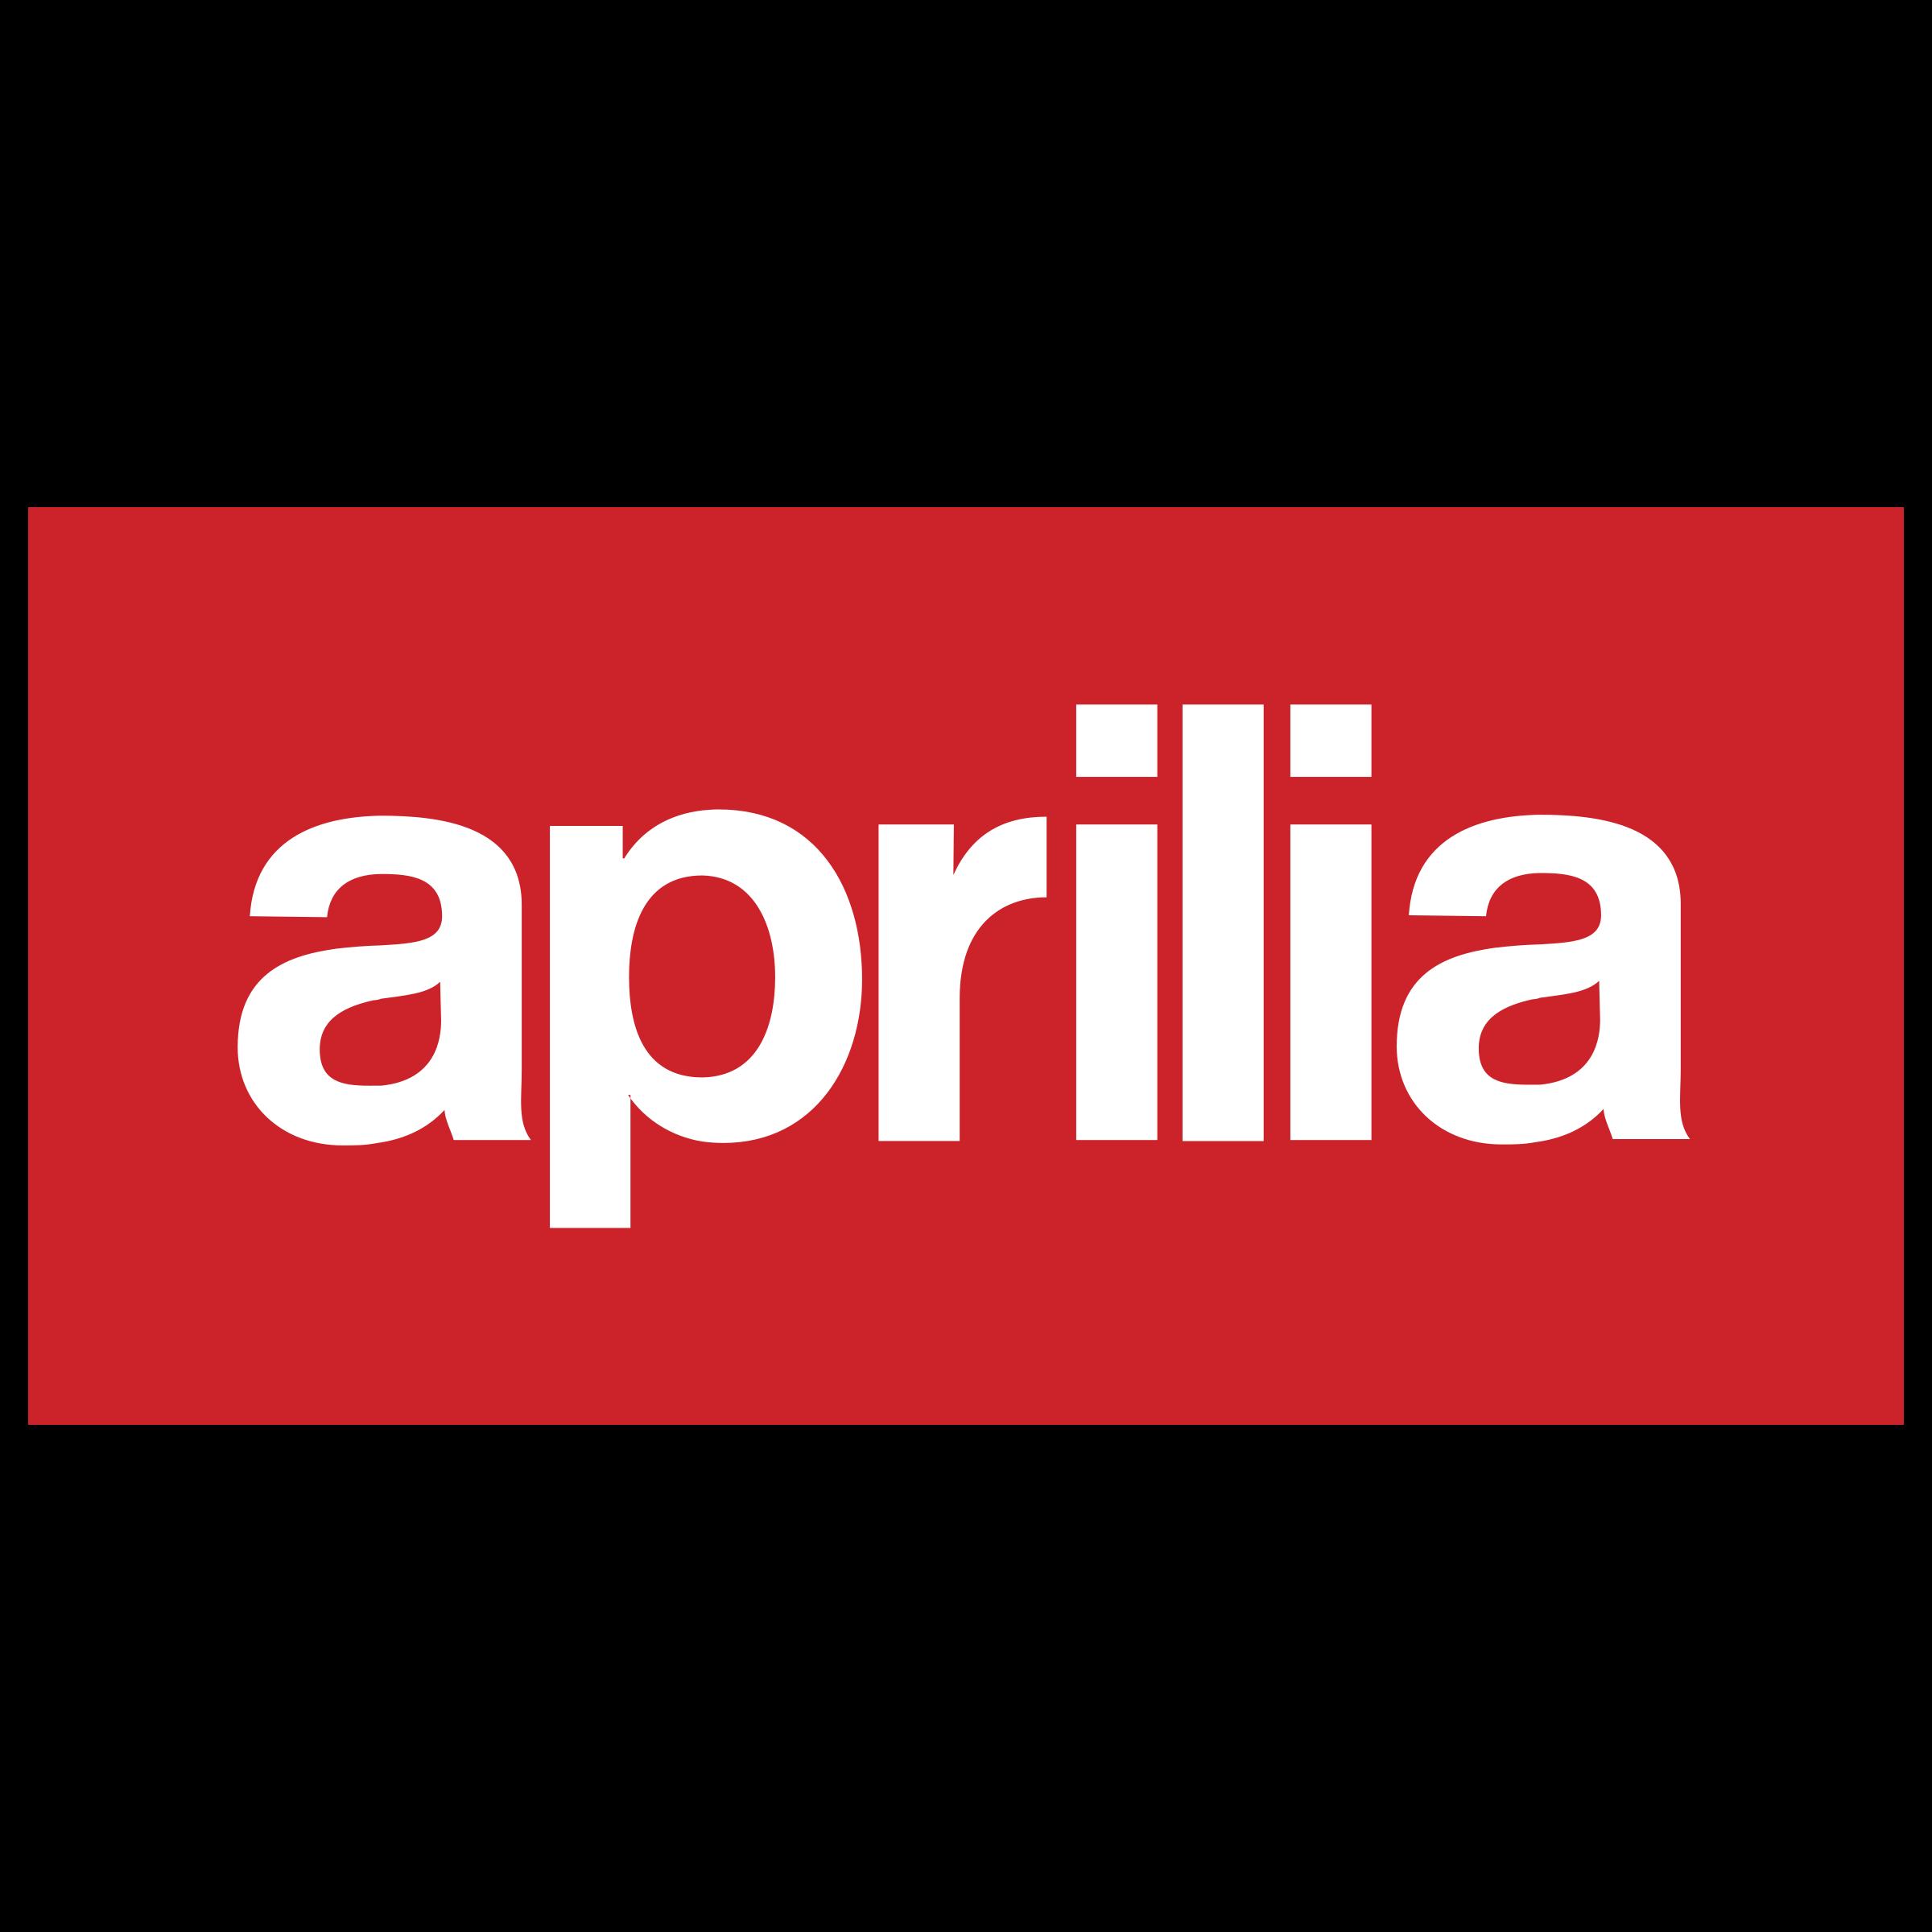 aprilia logo